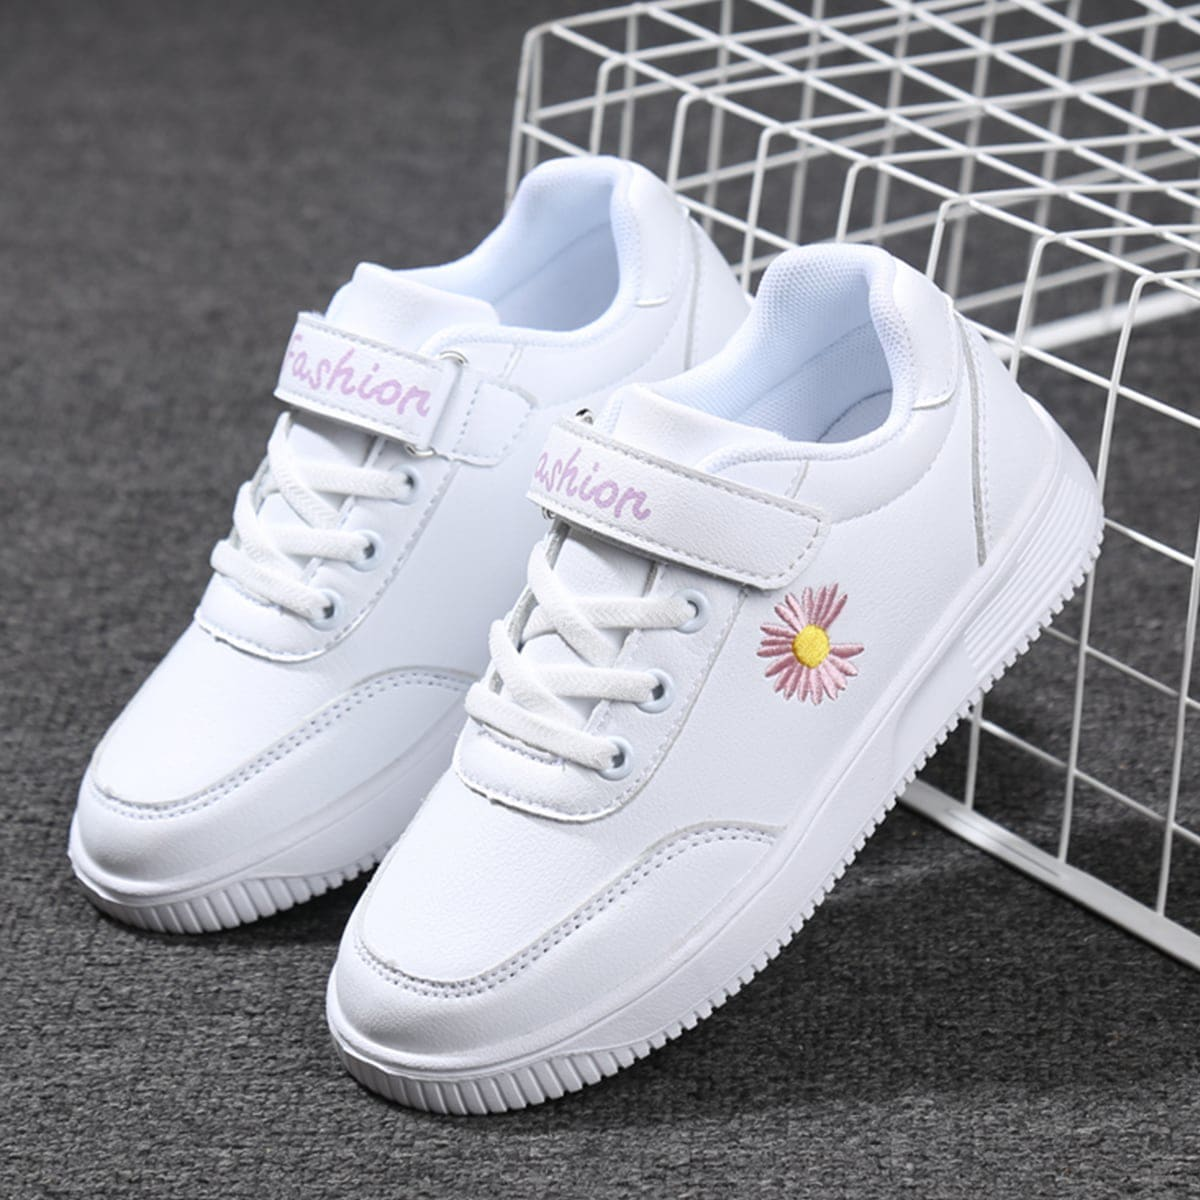 Кроссовки на липучке с цветочной вышивкой для девочек SheIn skshoes25210616938